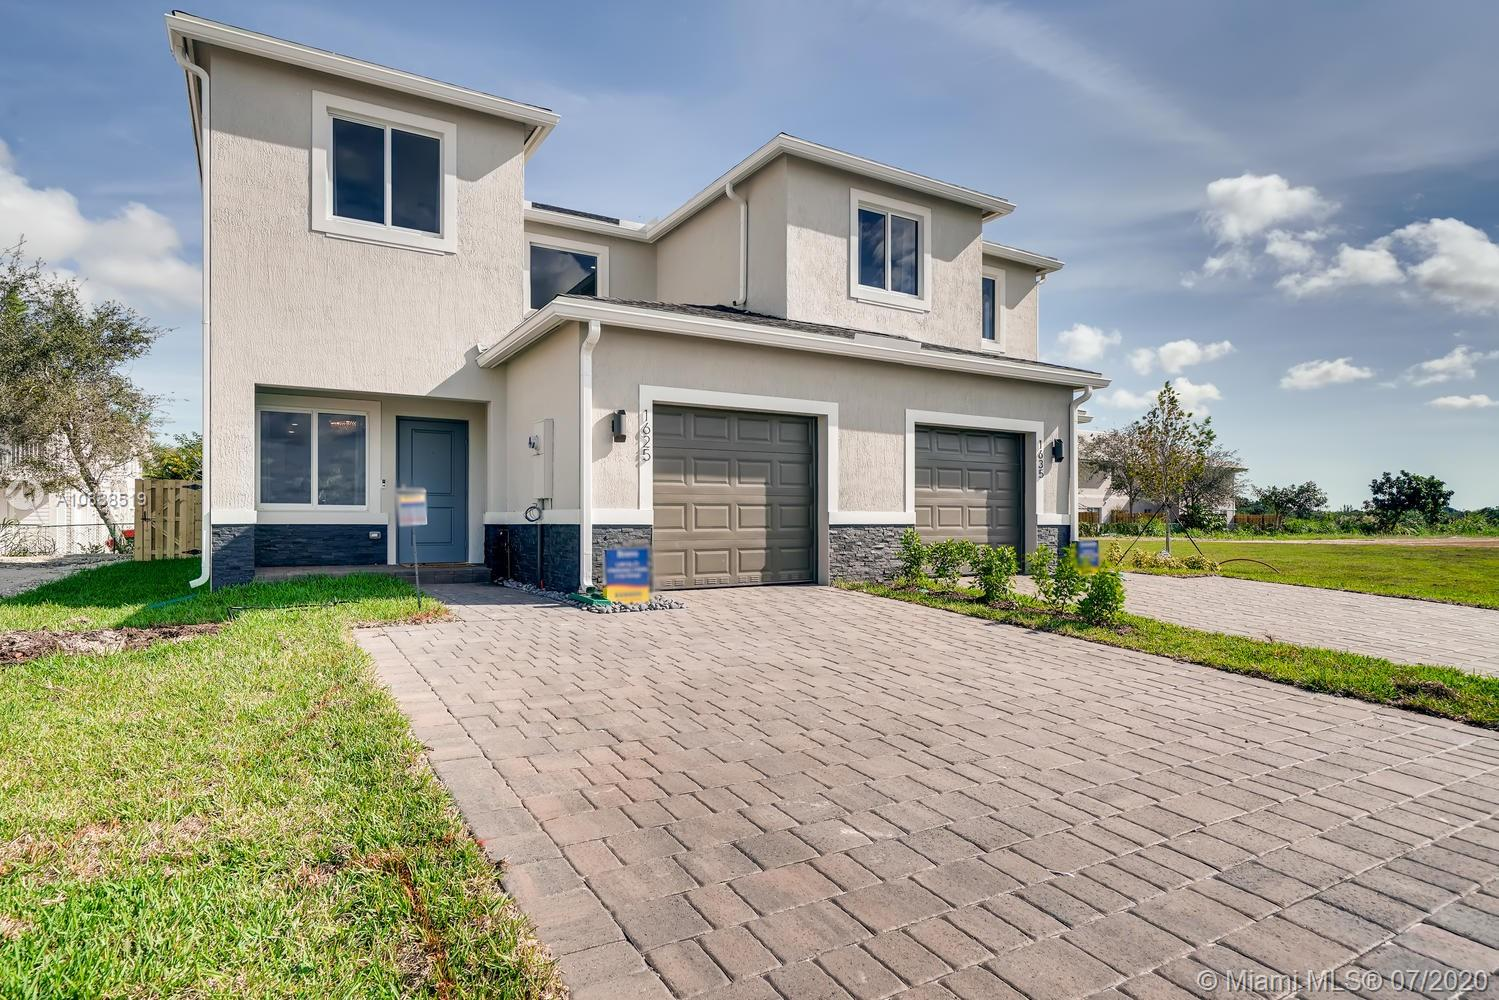 867 SE 18 Street, Homestead, FL 33034 - Homestead, FL real estate listing